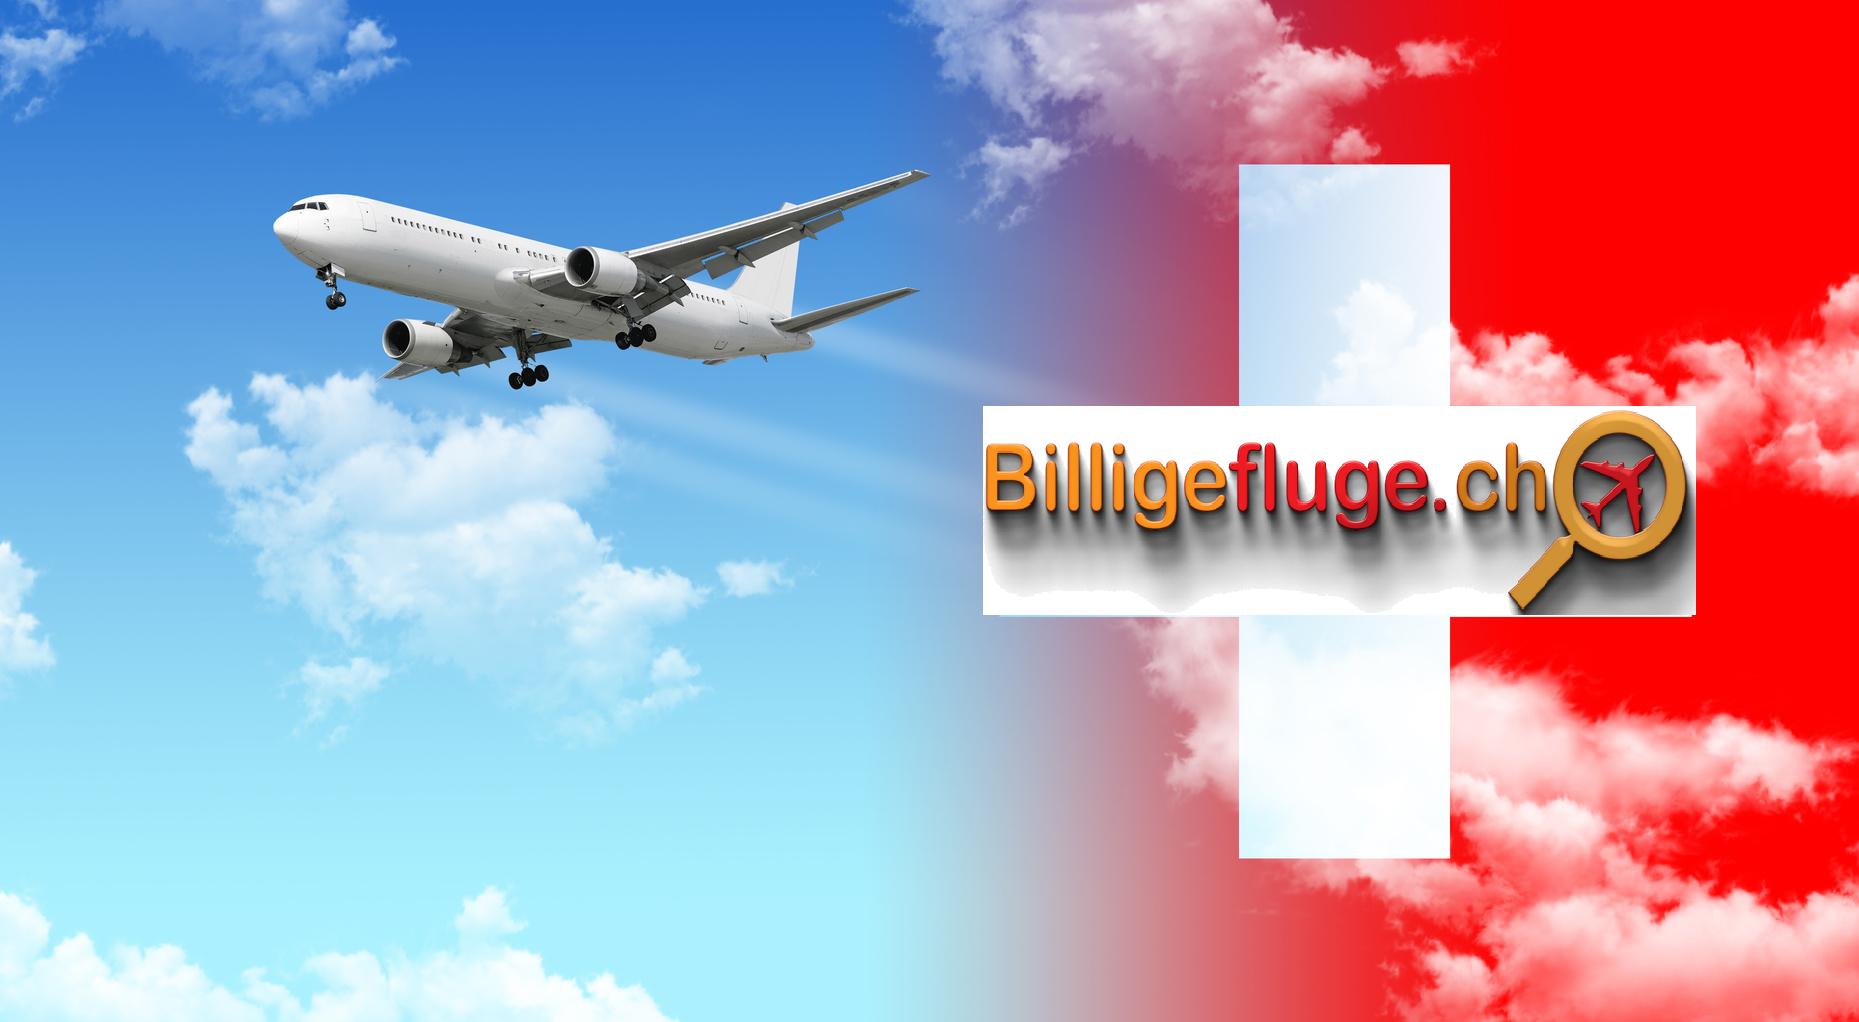 Billigflüge| Billige Flüge.ch| Günstige Flüge Buchen